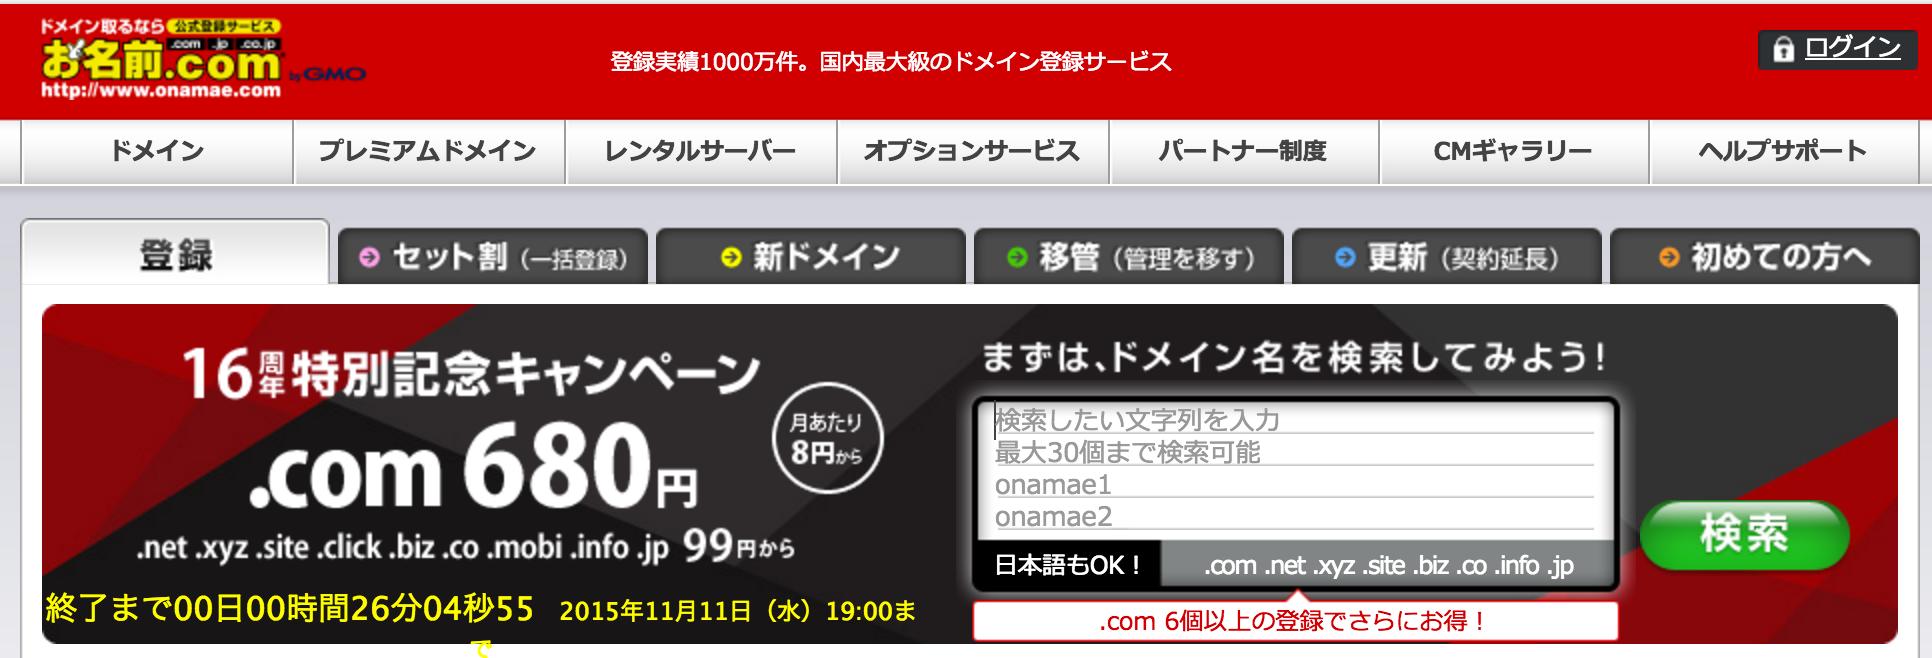 スクリーンショット 2015-11-11 18.33.58.png